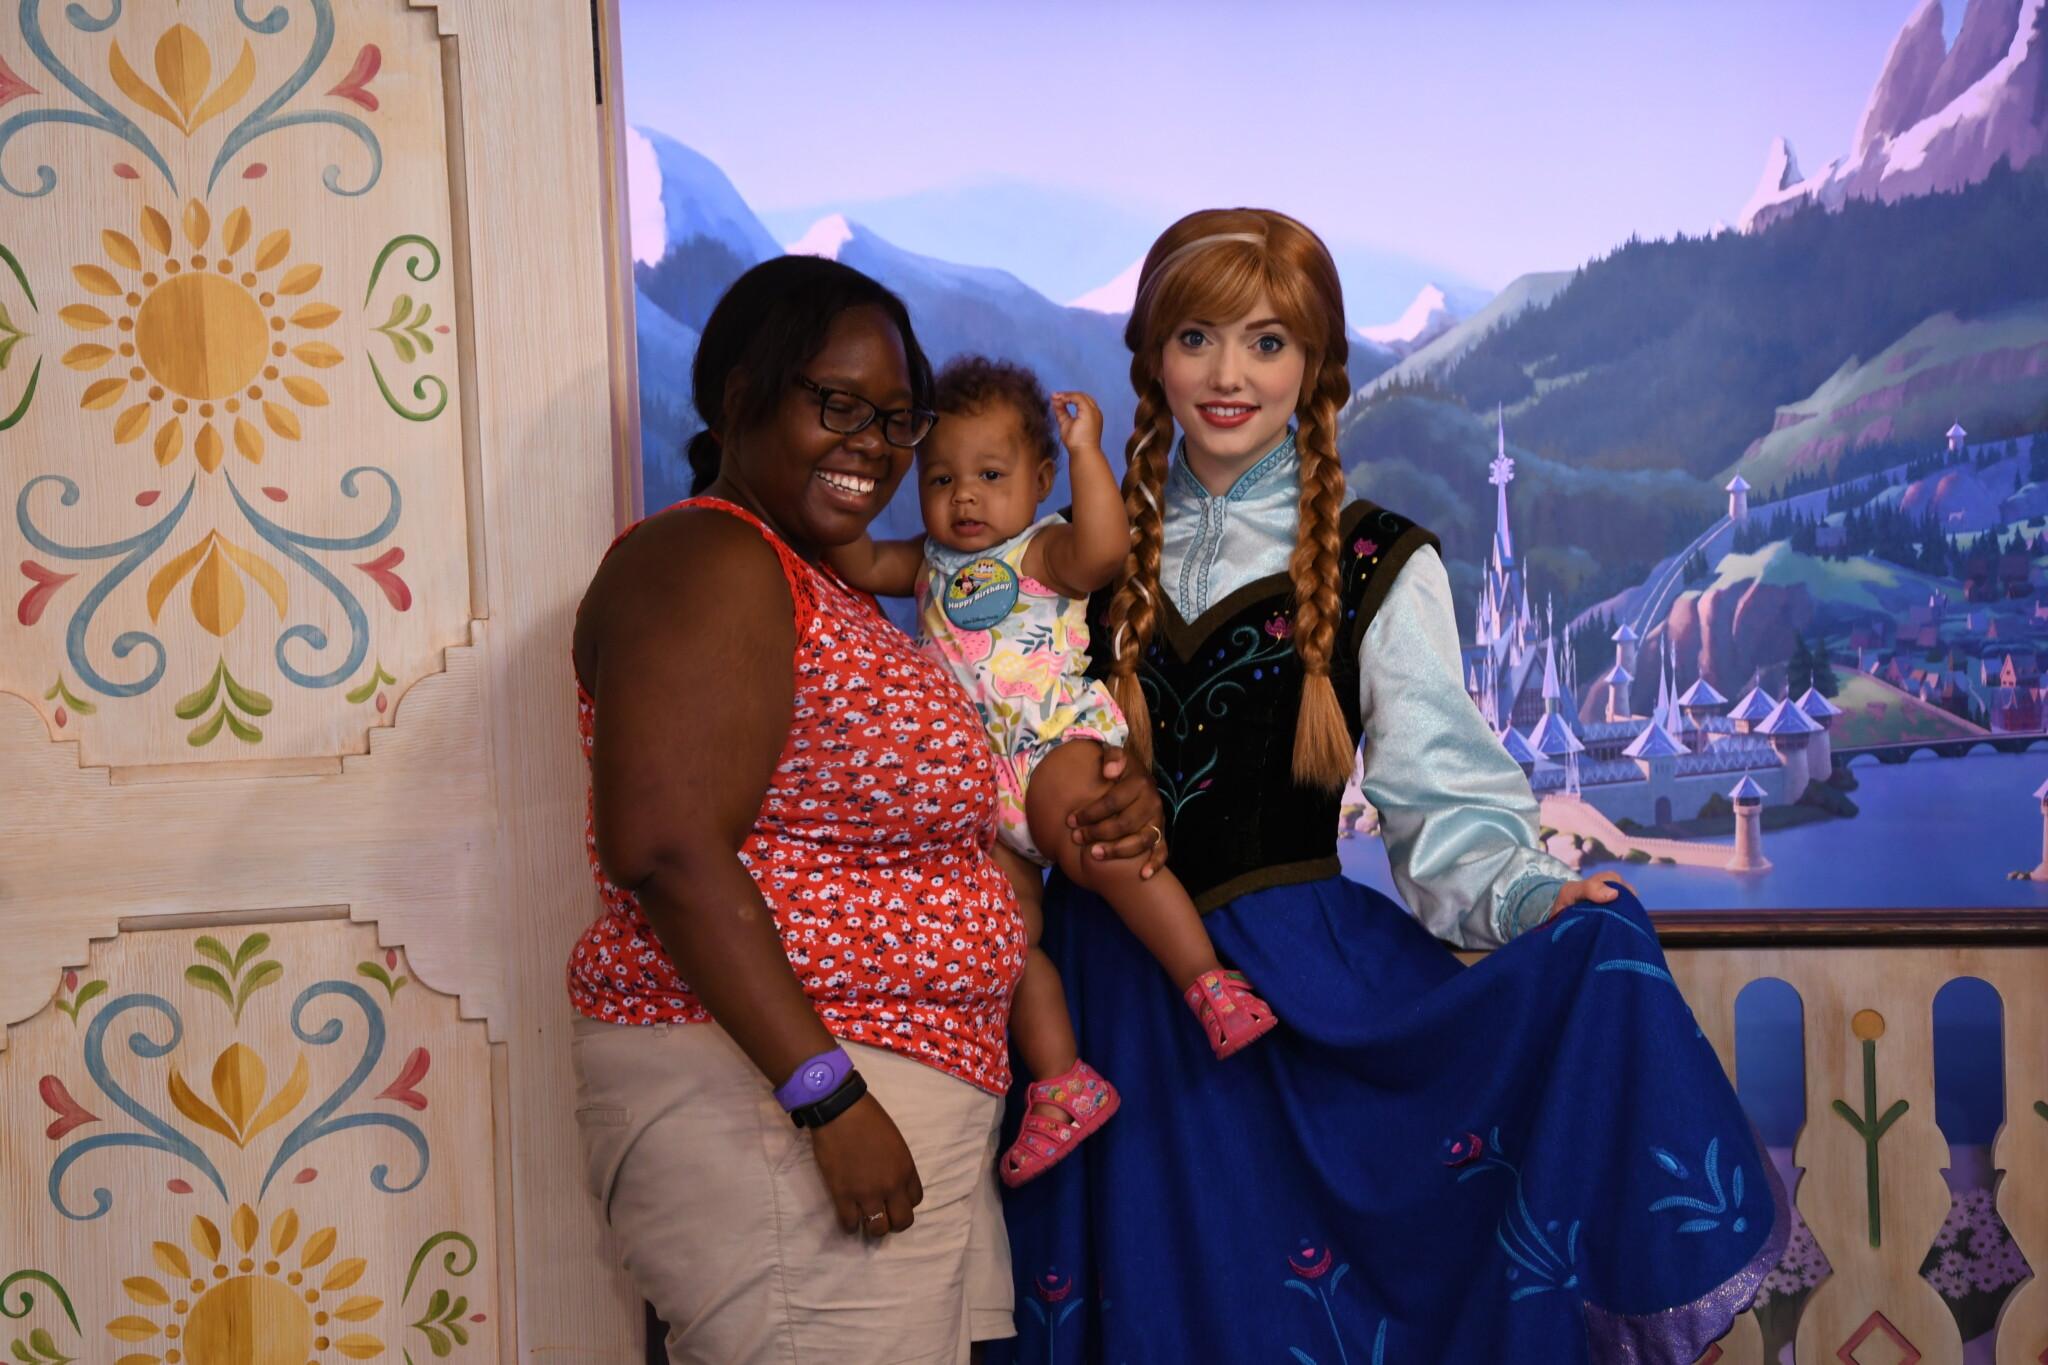 2 semaines en Floride avec un bébé de 1 an - Séjour du 2 au 16 mai 2019 DCL + WDW - Page 18 B0b089da-8d40-4941-9469-ff02ebc2c1fd-2048x1365